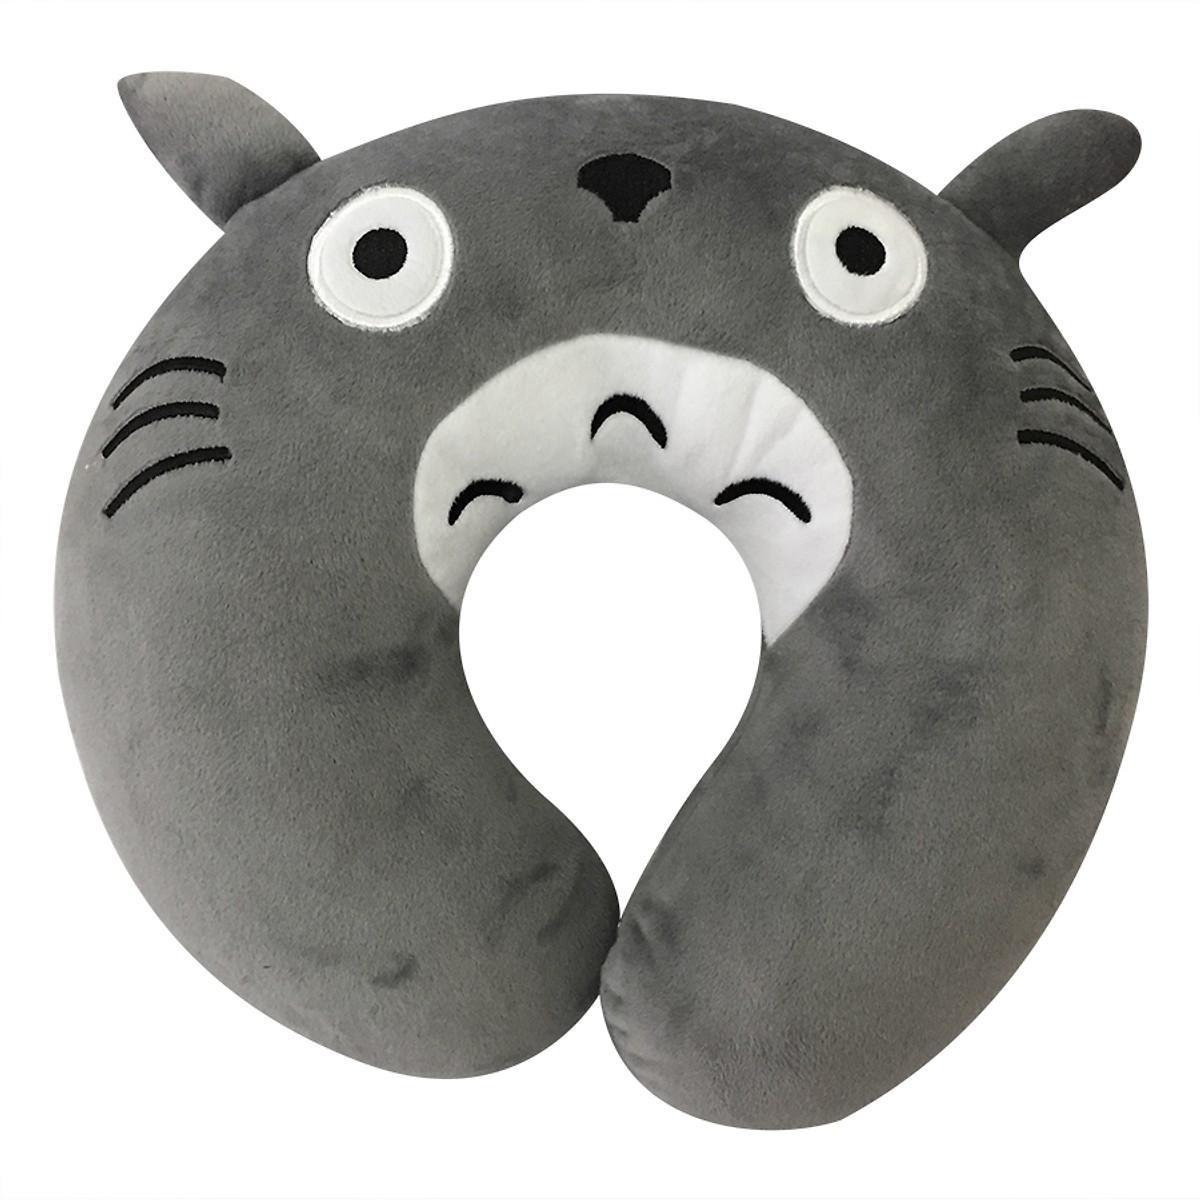 Đánh giá Gối Cổ Chữ U Totoro